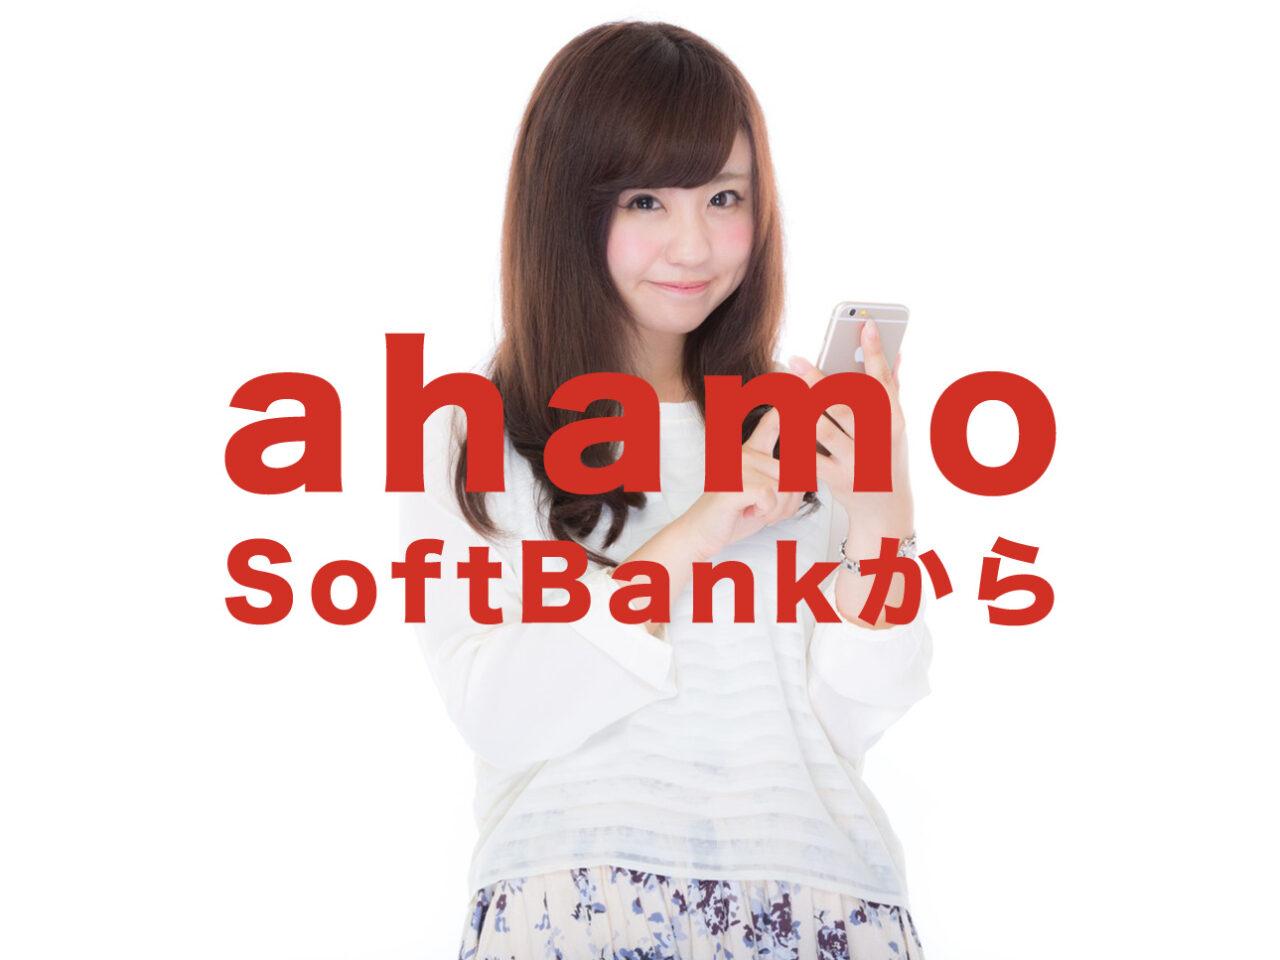 ソフトバンクからahamo(アハモ)へ乗り換えすると機種代金や分割払いの残債はどうなる?のサムネイル画像